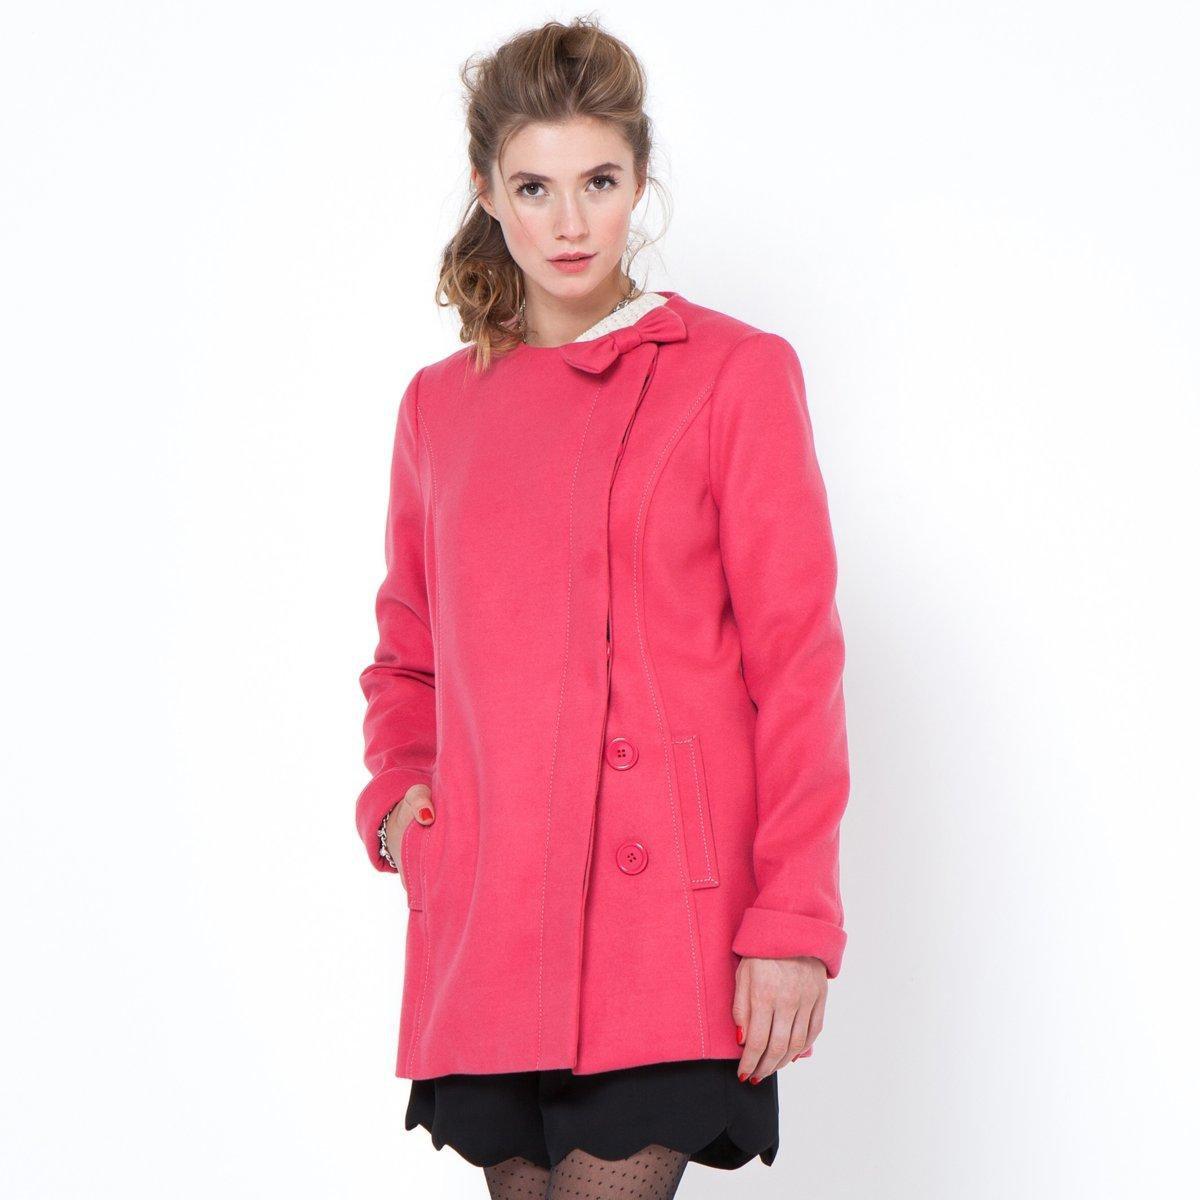 Manteau femme Mademoiselle R avec nœud à l'encolure